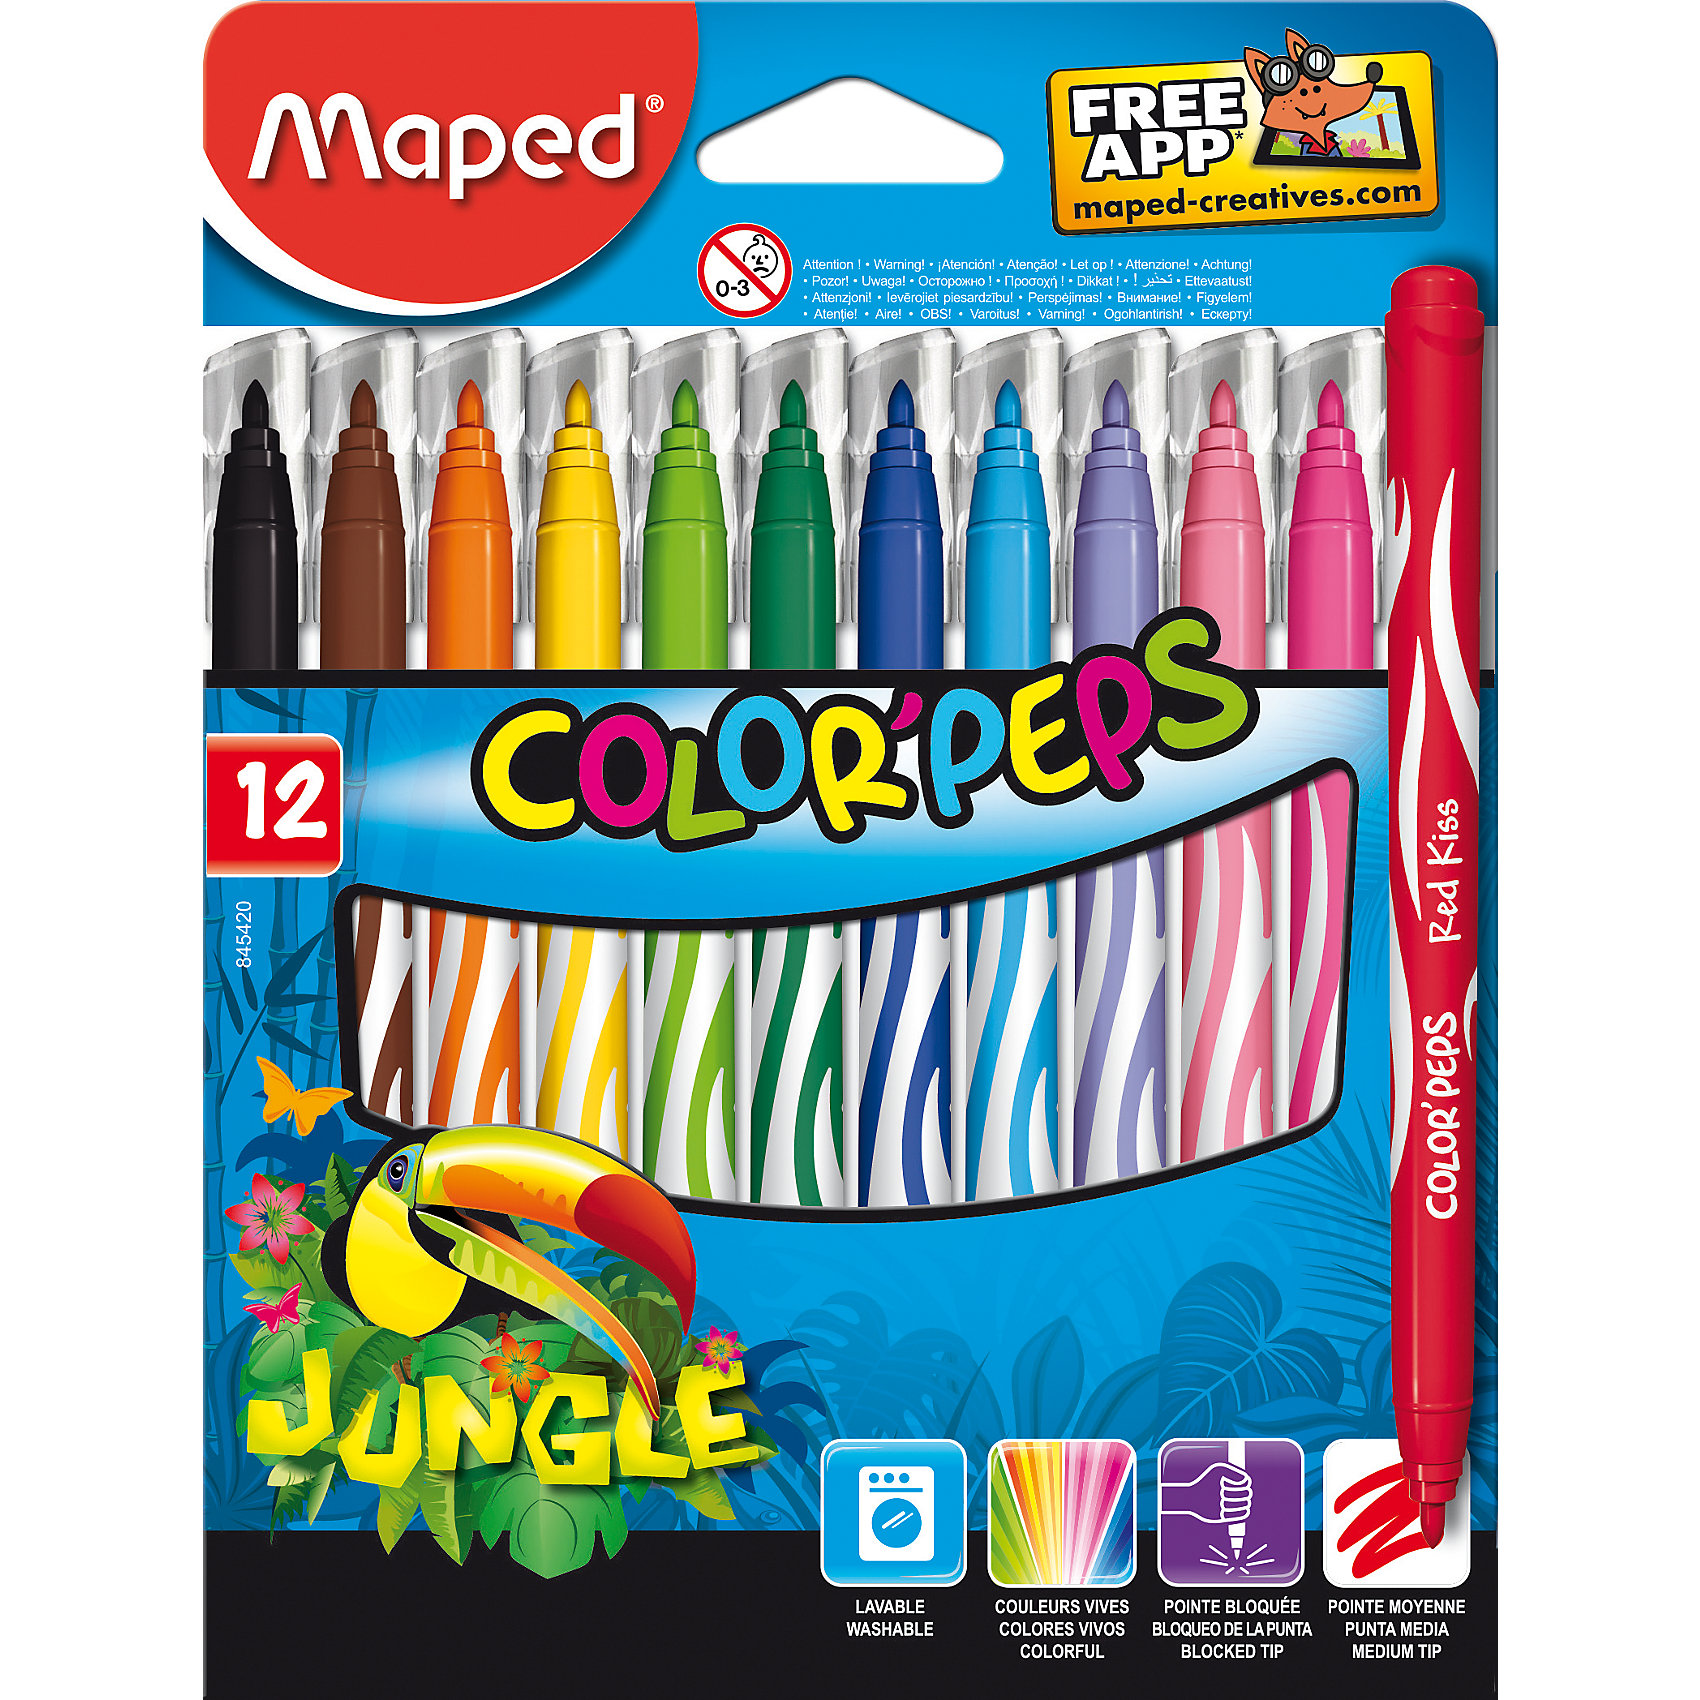 Фломастеры JUNGLE, 12 цветов, MAPEDПисьменные принадлежности<br>Фломастеры JUNGLE, 12 цветов, MAPED (МАПЕД).<br><br>Характеристики:<br><br>• Для детей в возрасте: от 3 лет<br>• В наборе: 12 разноцветных фломастеров<br>• Длина корпуса с колпачком: 14,3 см.<br>• Средний пишущий узел<br>• Толщина линии: 2,8 мм.<br>• Материал корпуса: пластик<br>• Упаковка: картонная коробка с подвесом<br>• Размер упаковки: 178х135х12 мм.<br>• Вес: 98 гр.<br><br>Фломастеры JUNGLE предназначены раскрашивания и рисования. В наборе 12 фломастеров, ярких насыщенных цветов. Фломастеры имеют конусовидный, мягкий стержень, оснащены вентилируемыми колпачками. Заблокированный пишущий узел обеспечивает долговременное использование даже при сильном нажатии. Фломастеры суперсмываемые, смываются с помощью воды и мыла с любой ткани и кожи ребенка.<br><br>Фломастеры JUNGLE, 12 цветов, MAPED (МАПЕД) можно купить в нашем интернет-магазине.<br><br>Ширина мм: 177<br>Глубина мм: 135<br>Высота мм: 12<br>Вес г: 172<br>Возраст от месяцев: 36<br>Возраст до месяцев: 2147483647<br>Пол: Унисекс<br>Возраст: Детский<br>SKU: 5530063